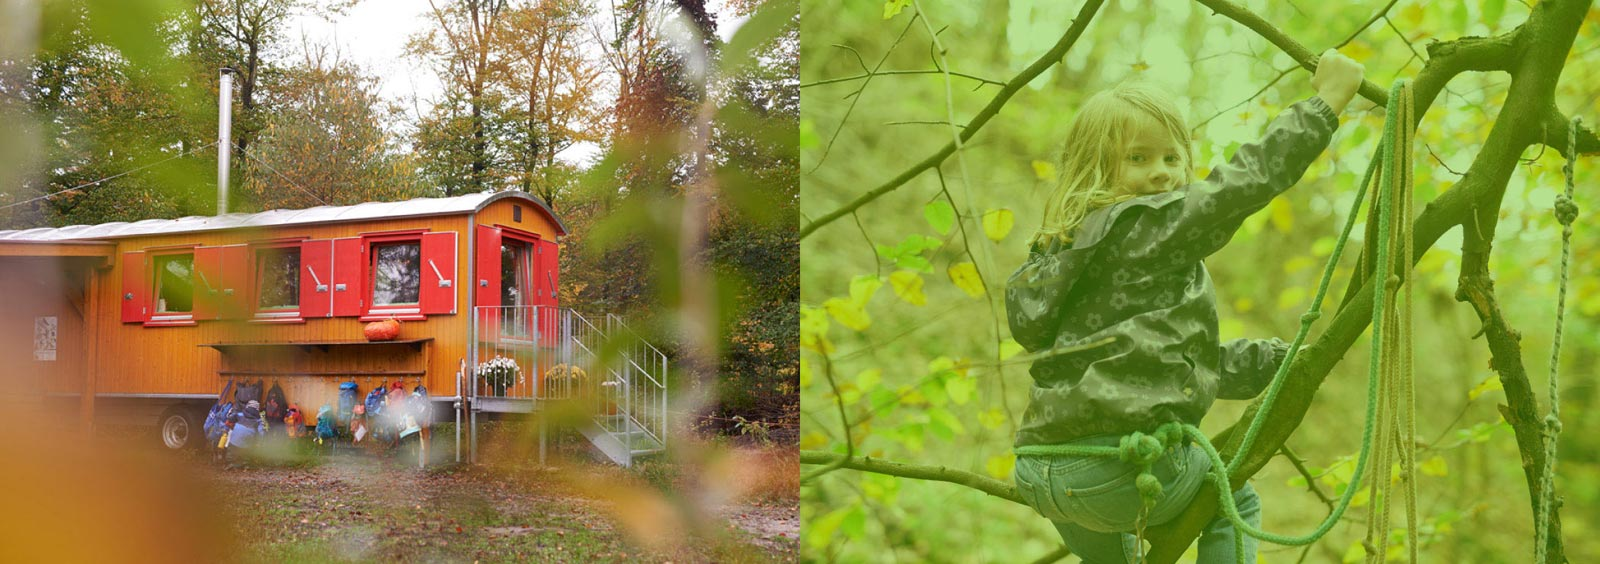 Mit MARTENS wächst ein Waldkindergarten.